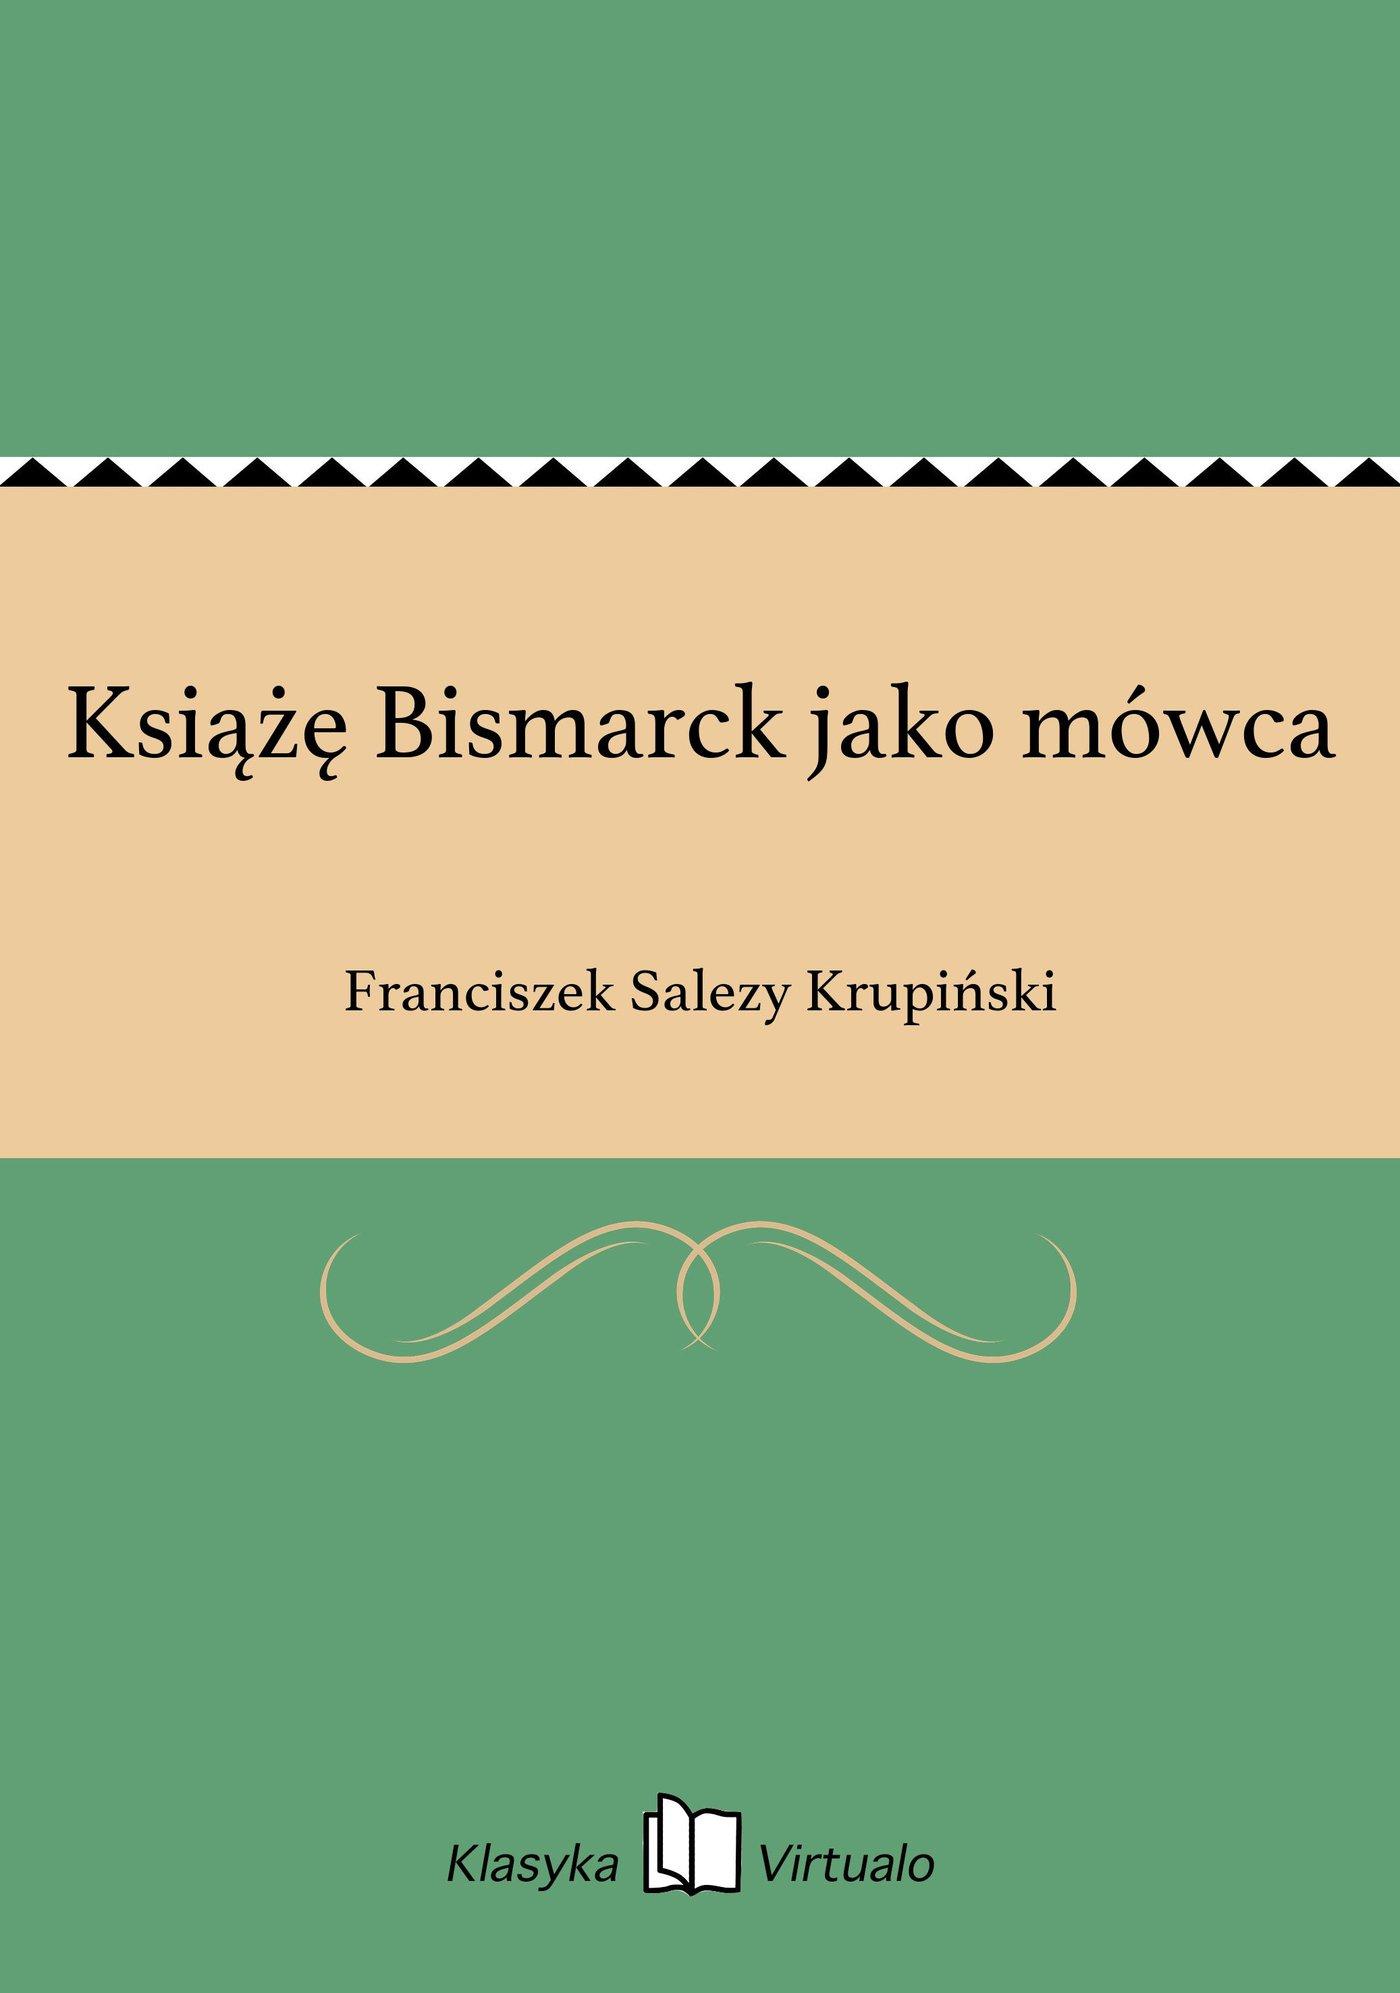 Książę Bismarck jako mówca - Ebook (Książka EPUB) do pobrania w formacie EPUB